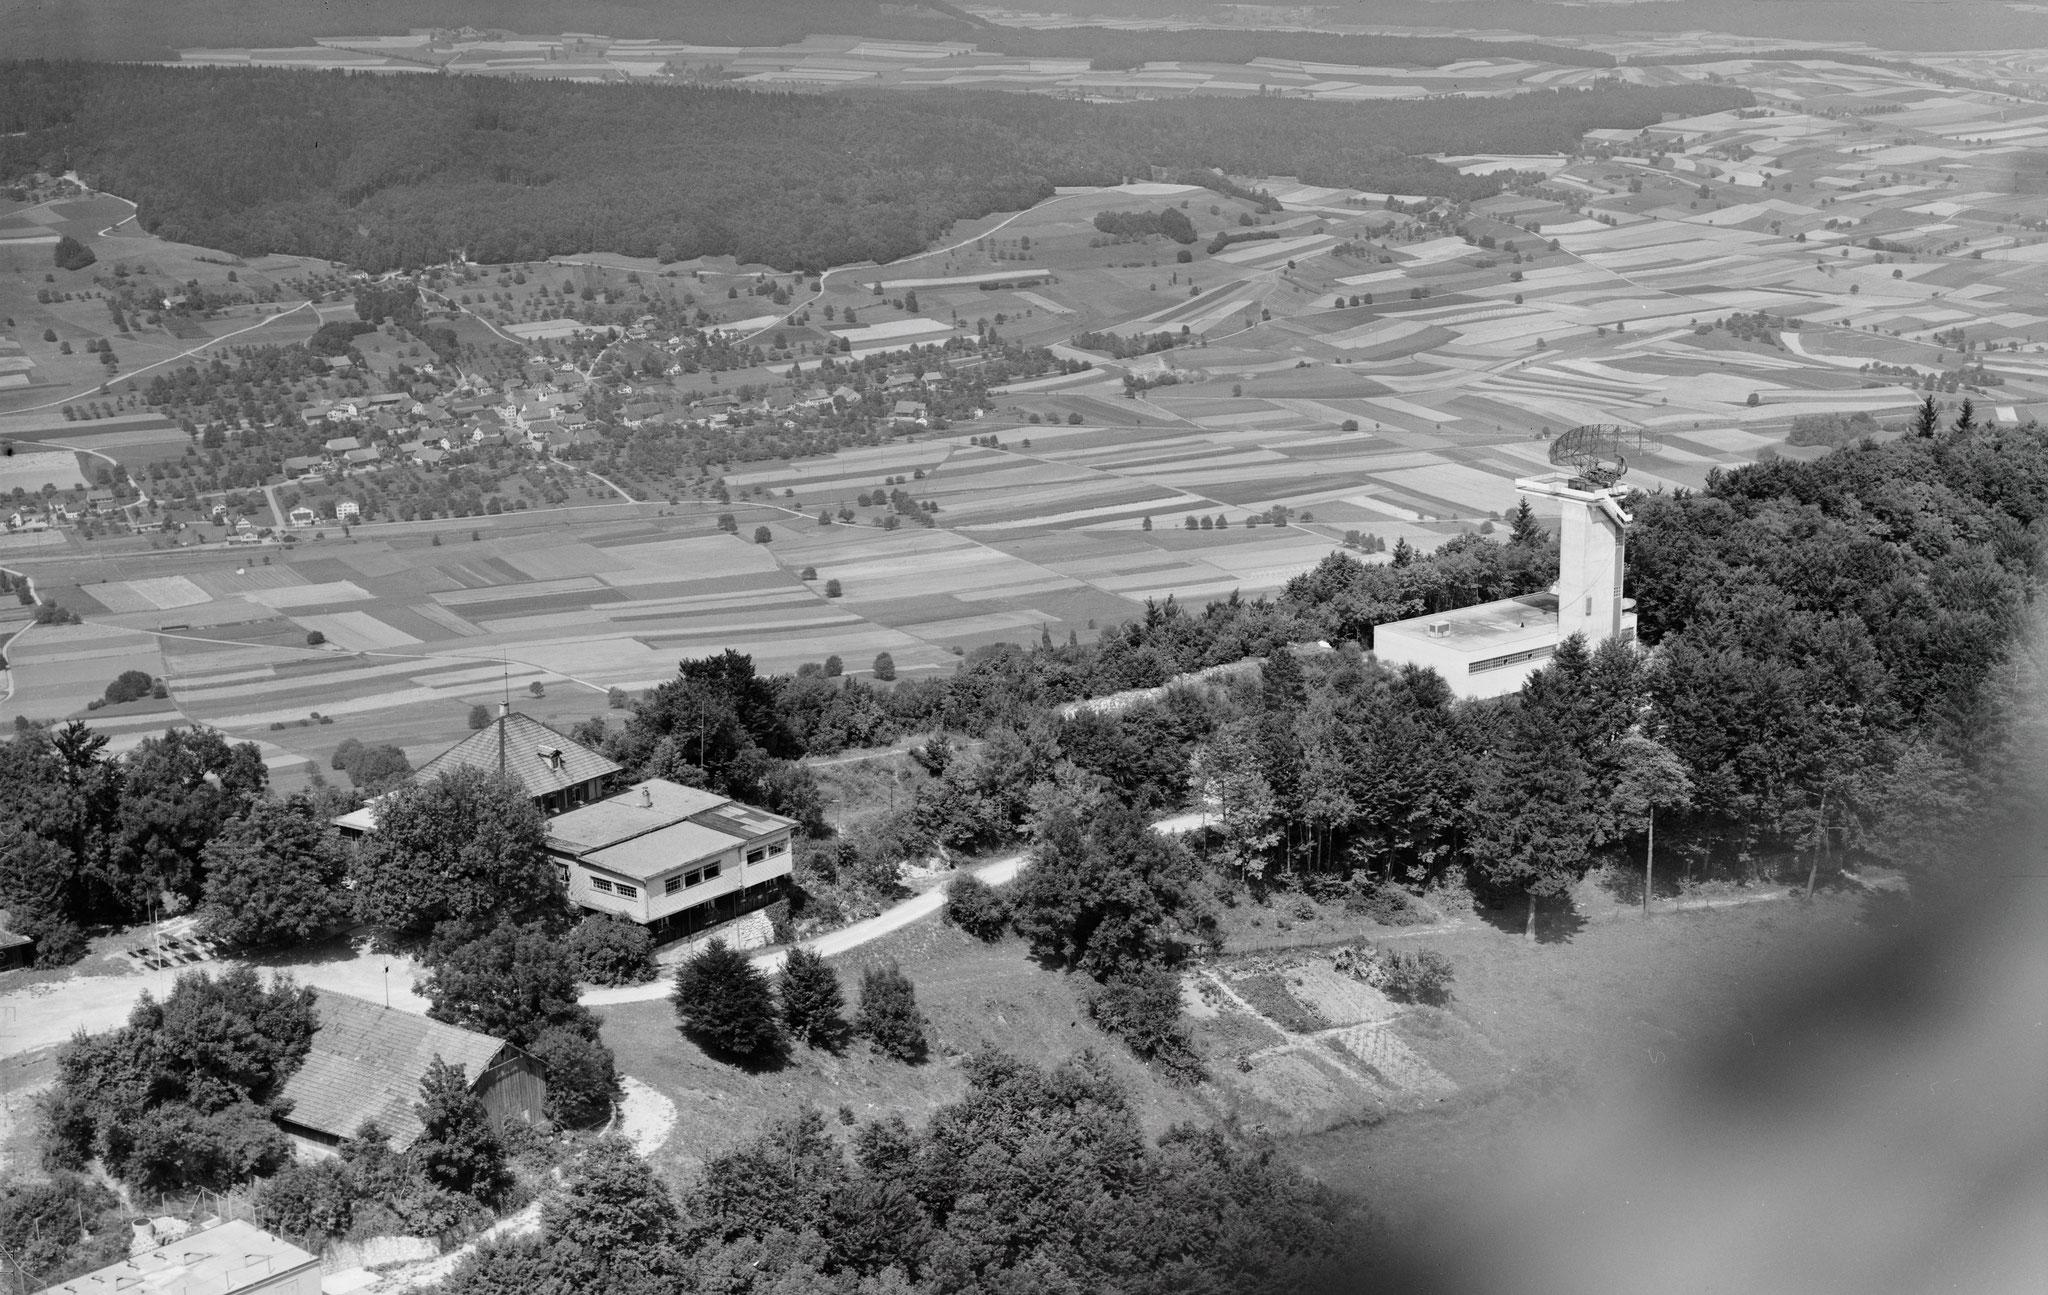 1961 Inbetriebnahme des 1. Radars auf der Hochwacht::Bild von 1964 / ETH-Bibliothek Zürich, Bildarchiv / Fotograf: Comet Photo AG (Zürich) / Com_F64-03601 / CC BY-SA 4.0